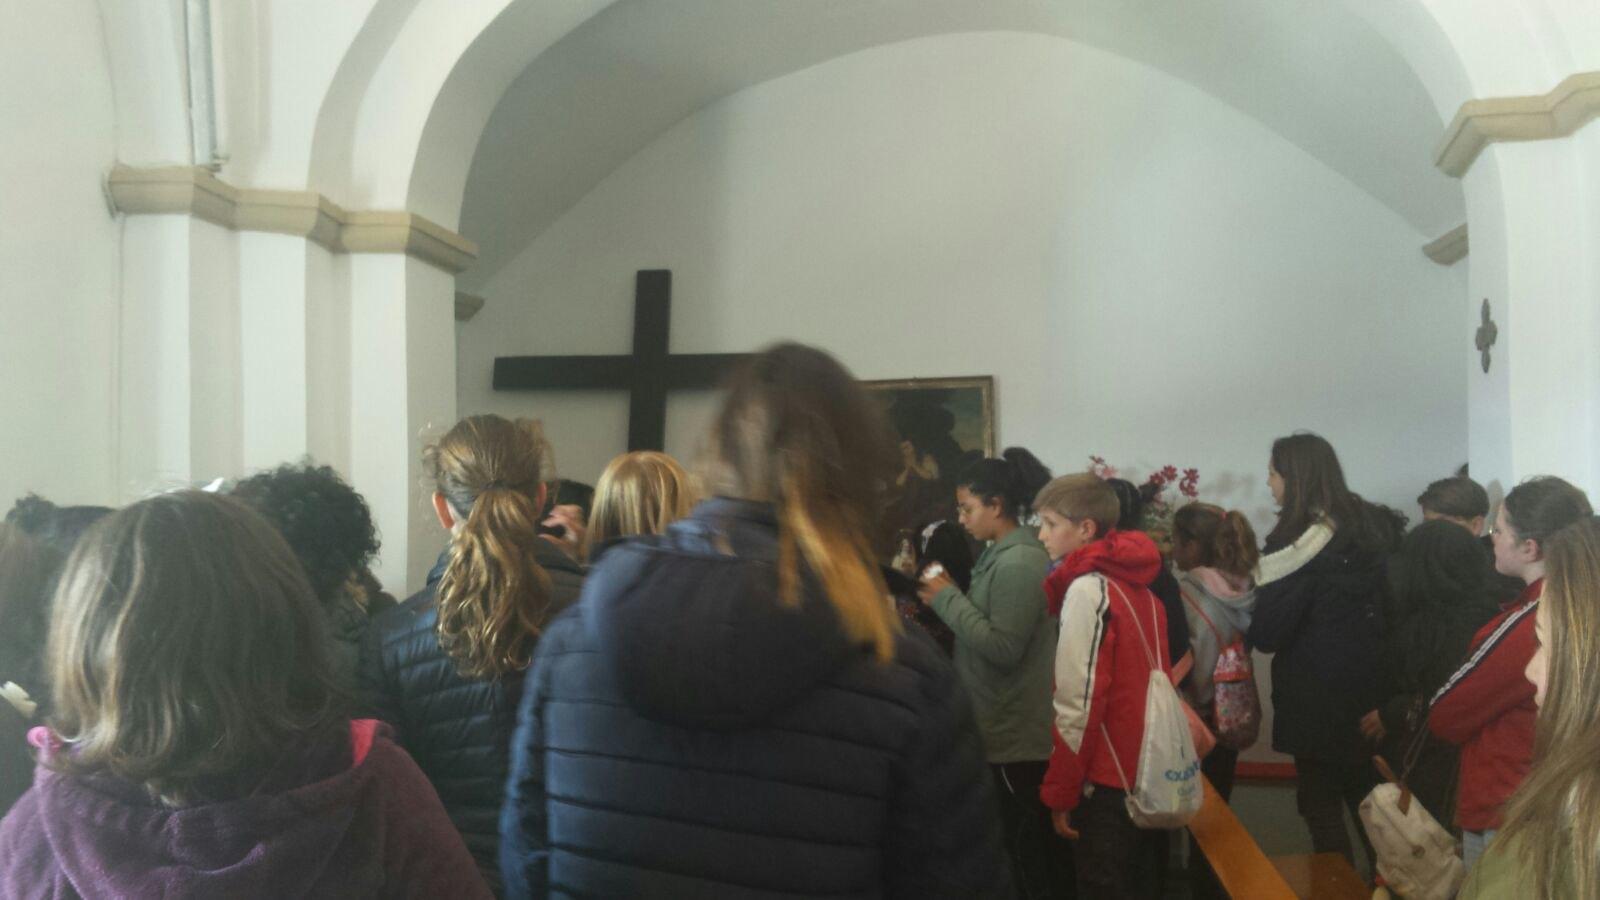 (2018-03-19) - Visita ermita alumnos Yolada-Pilar,6º, Virrey Poveda-9 de Octubre - Maria Isabel Berenquer Brotons - (06)